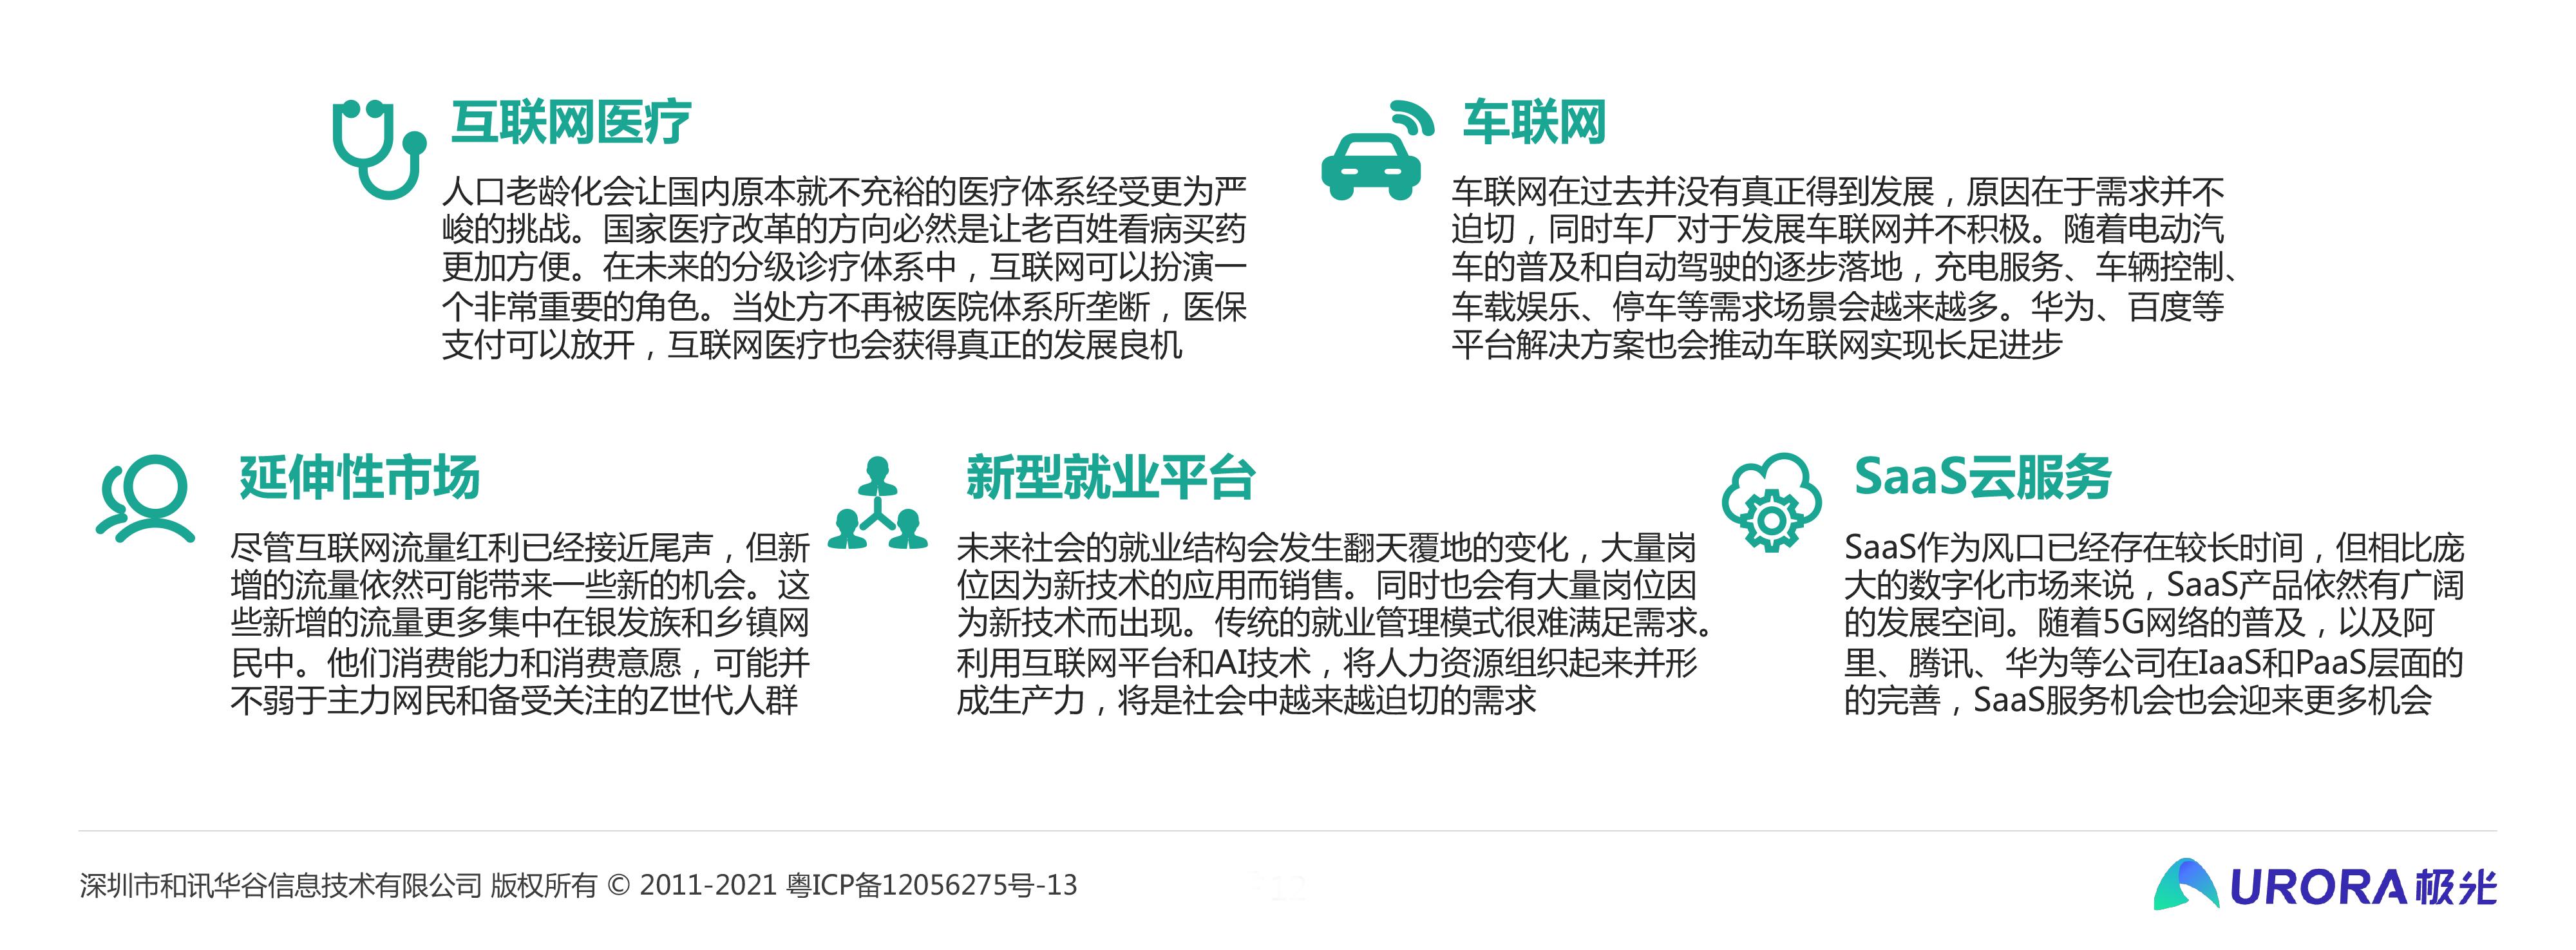 移动互联网5年回顾与展望0809定稿-12.png